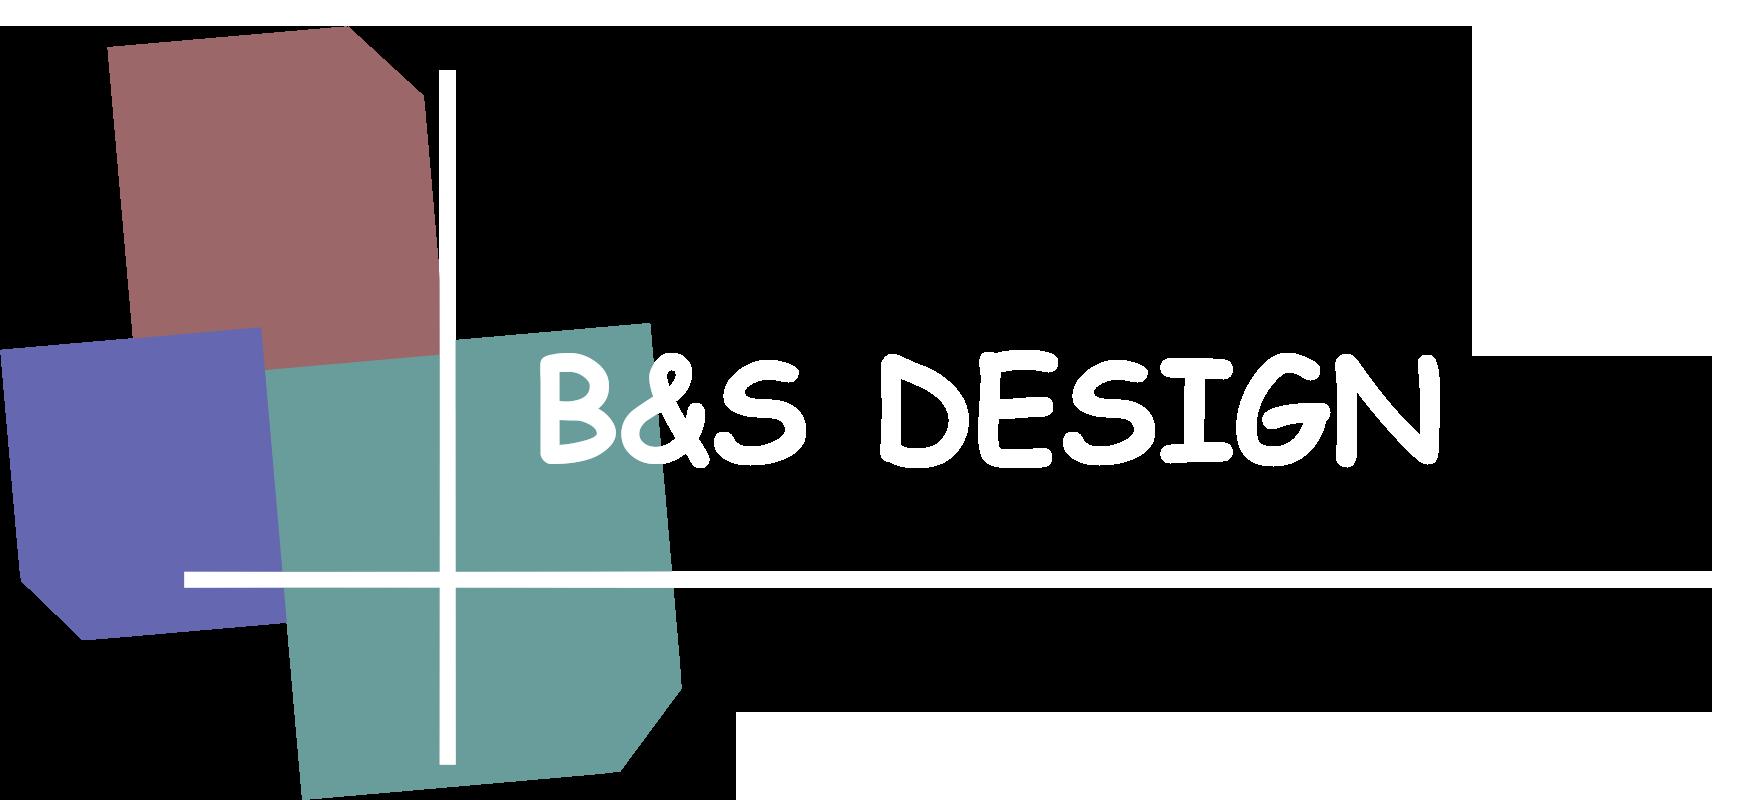 B&S Design